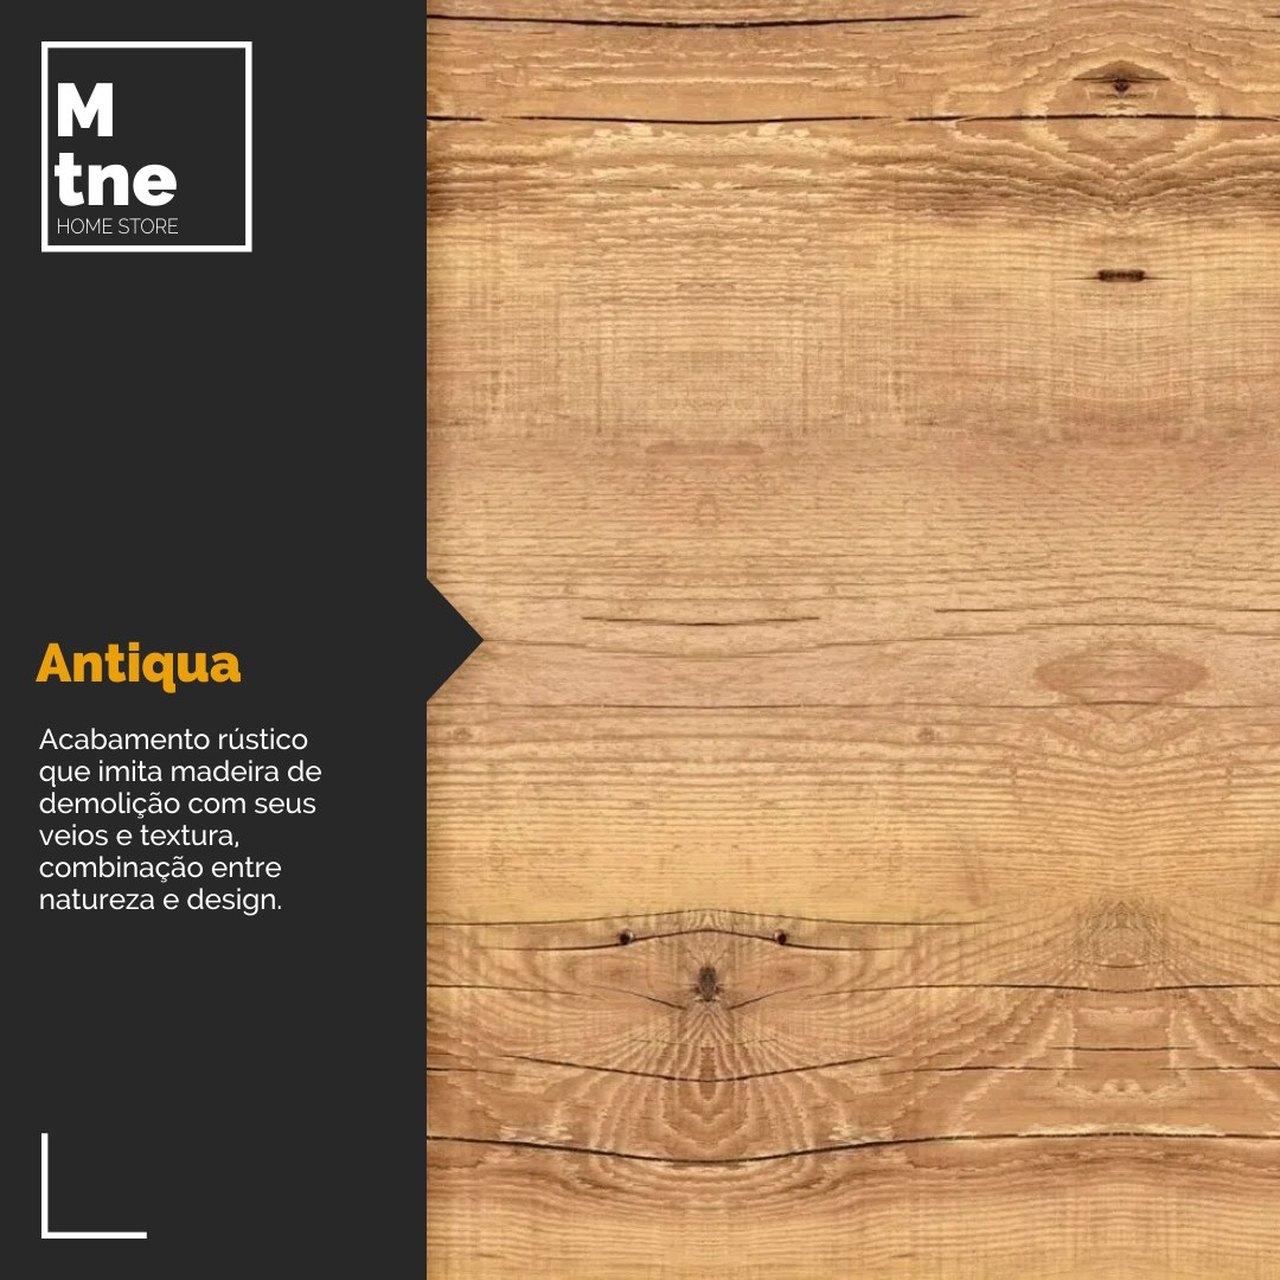 Kit de 4 Banquinhos Estilo Industrial  - Mtne Store